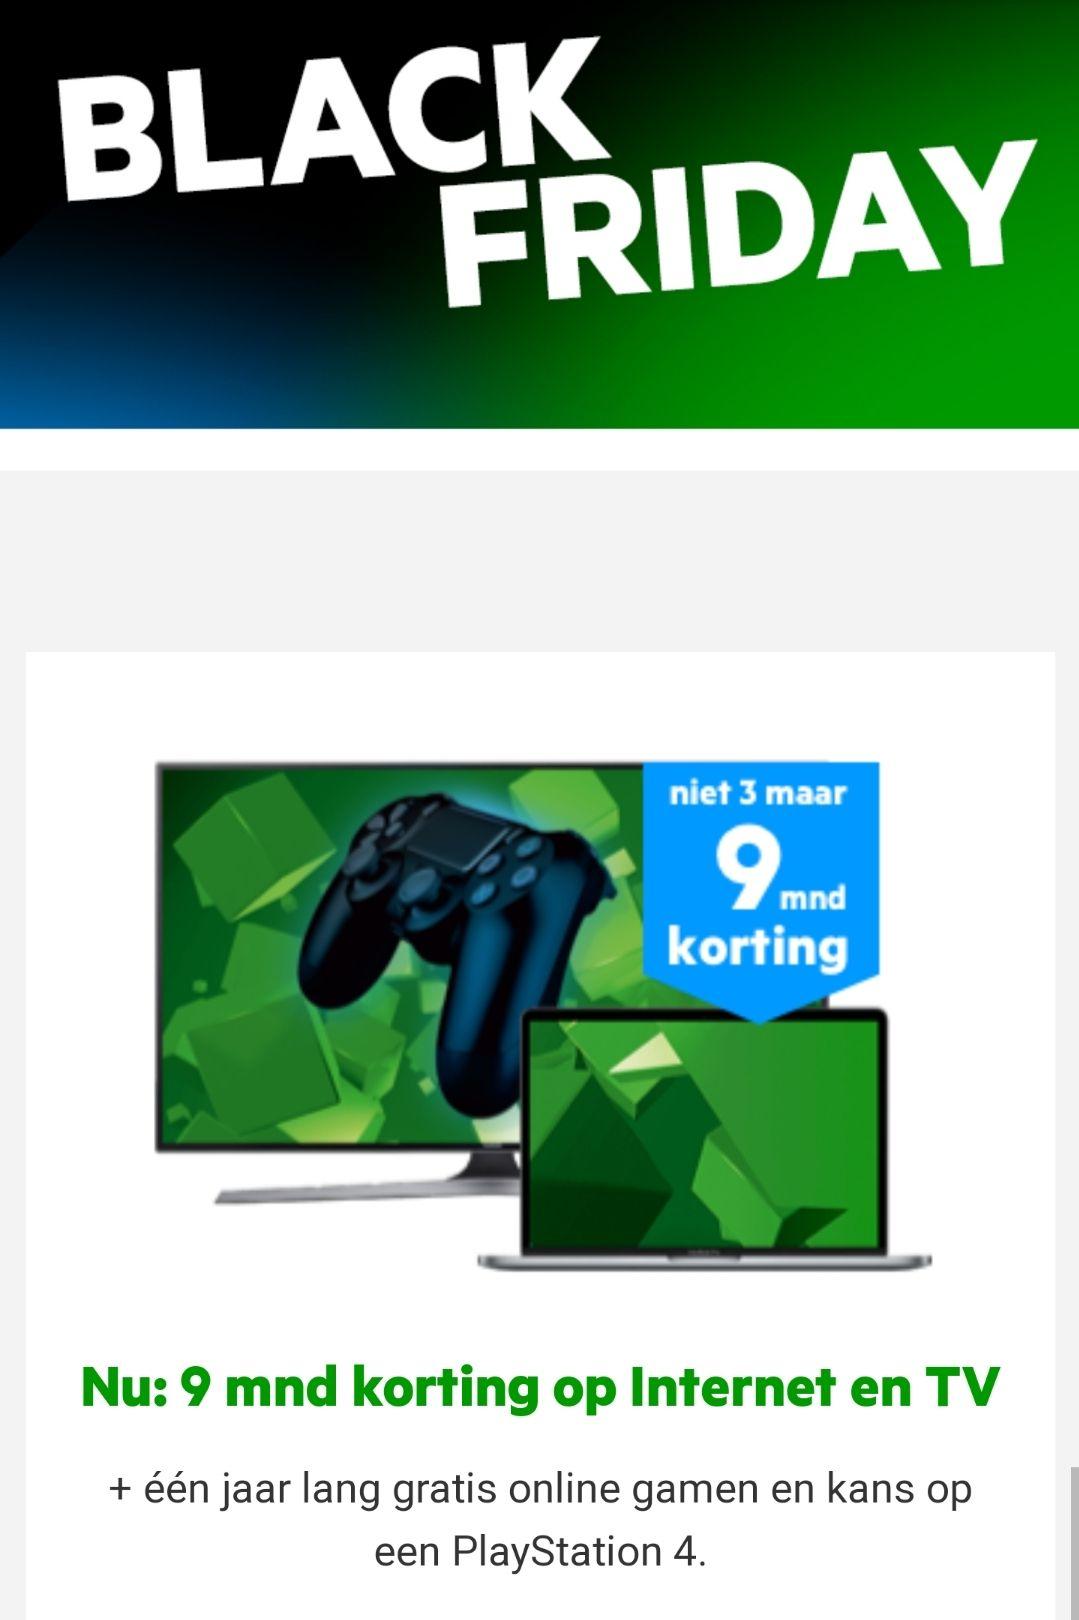 9 maanden korting op de Alles-in-1 pakketten van KPN en mooie PlayStation cadeaus